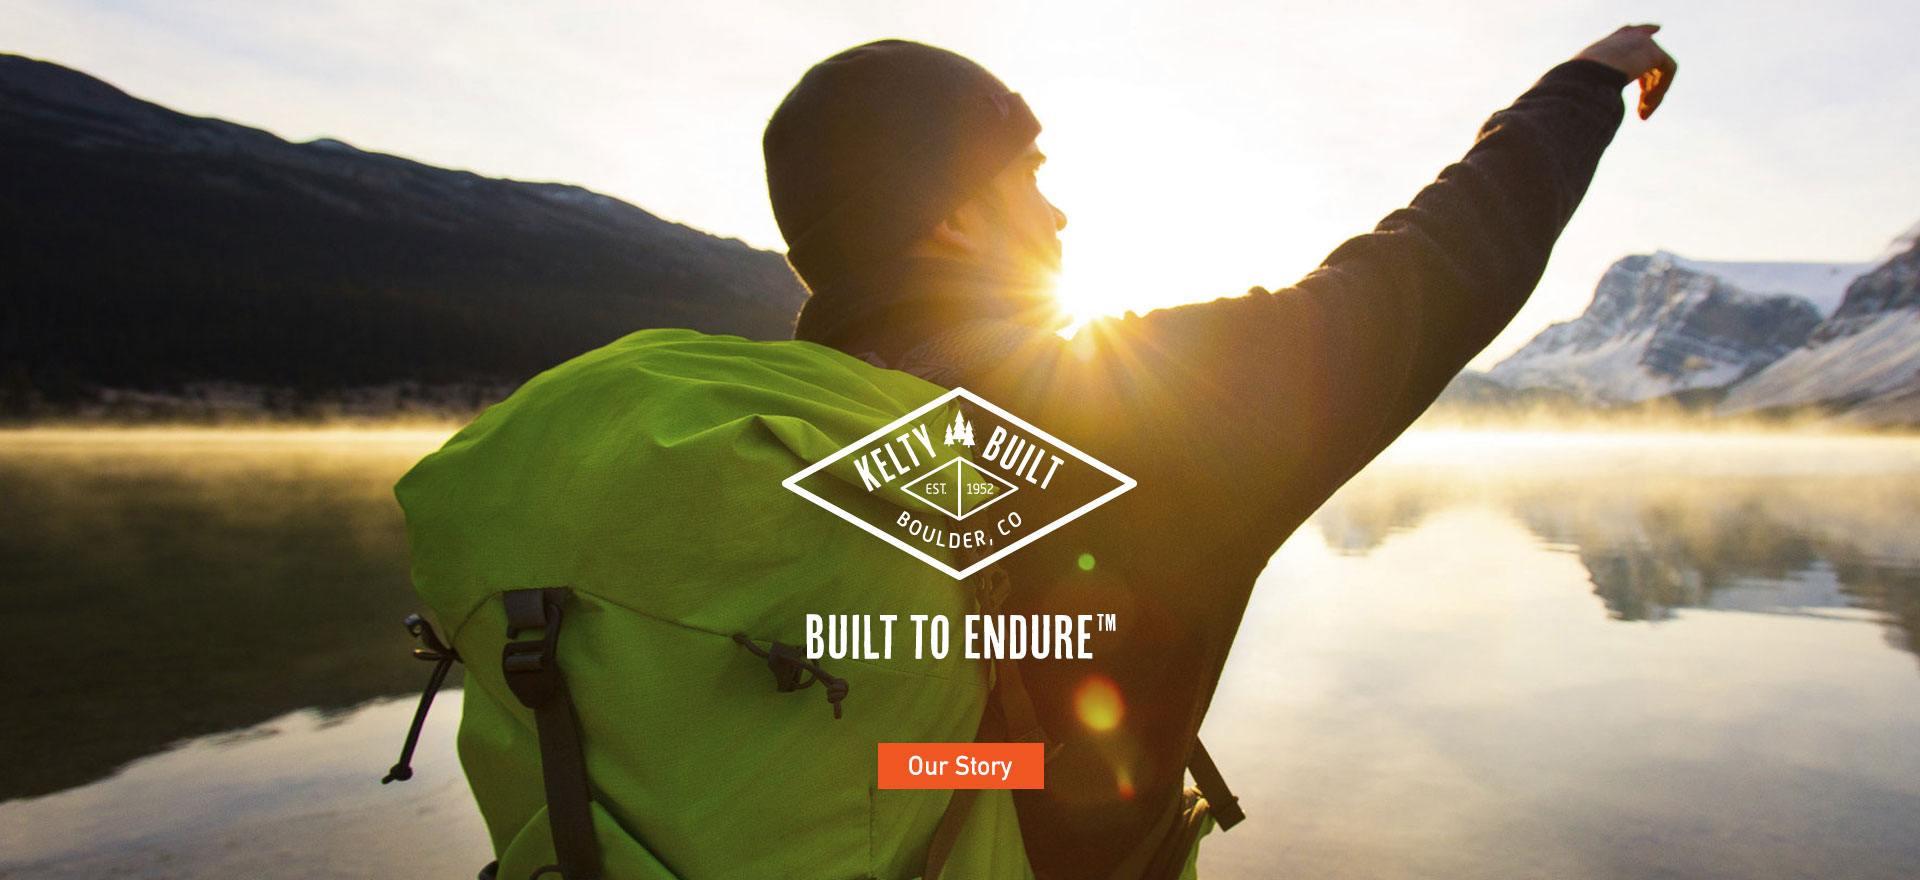 Kelty: Built to Endure